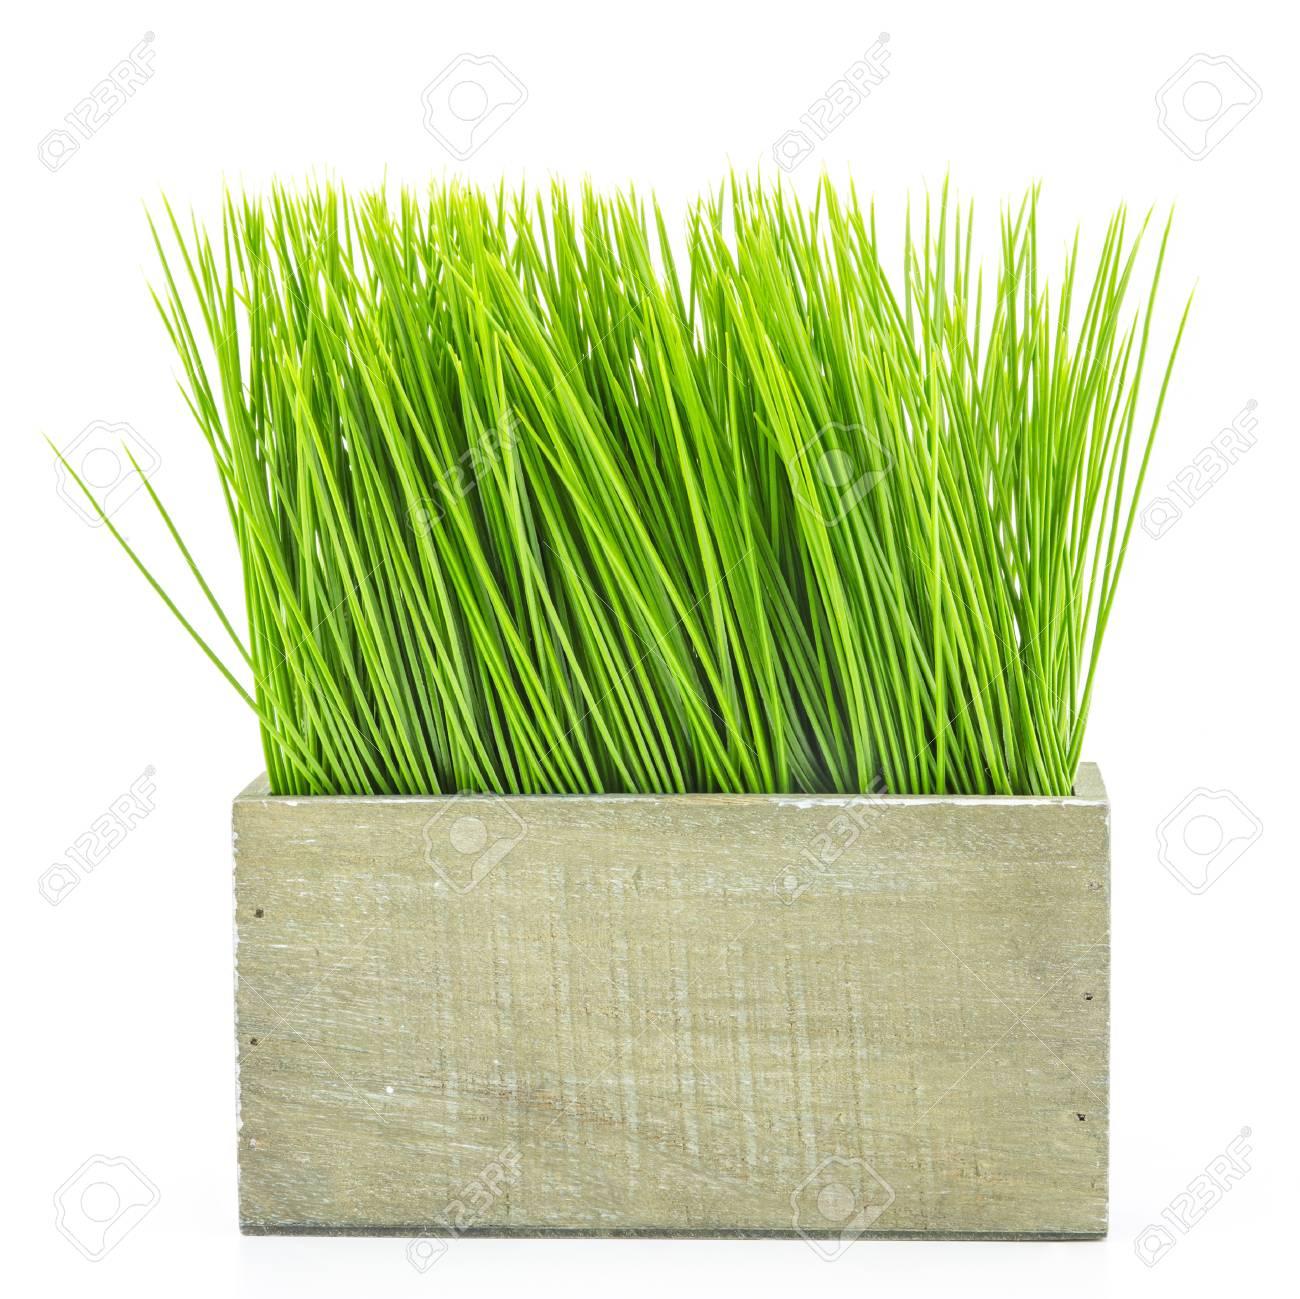 grünes gras in holz blumentopf auf weißem hintergrund lizenzfreie